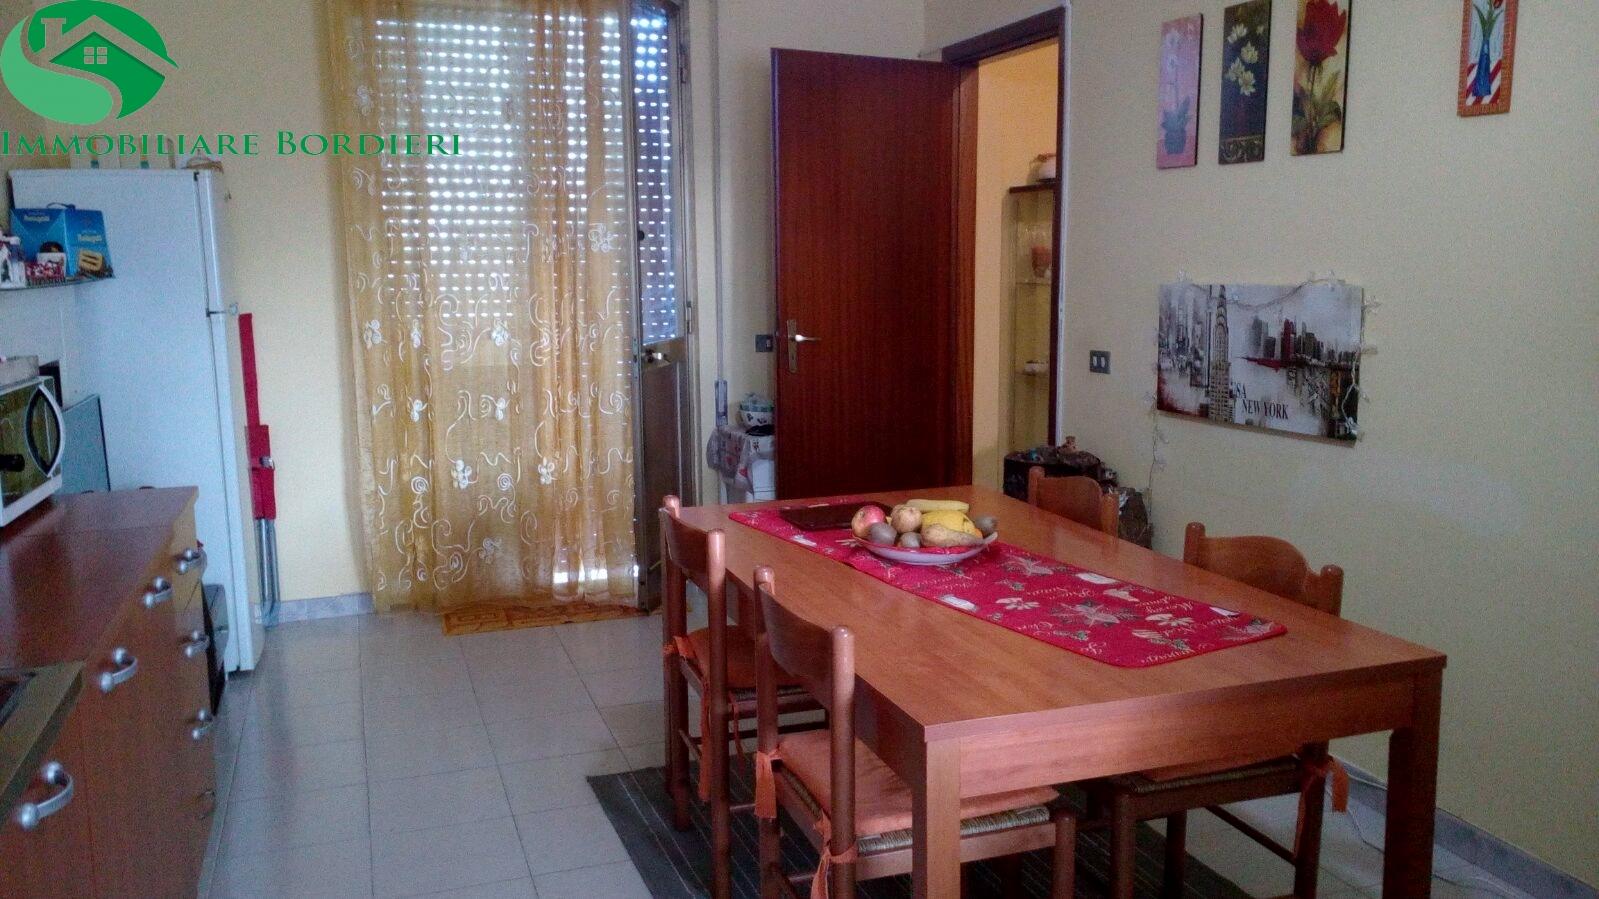 Appartamento in affitto a Siracusa, 3 locali, zona Località: CittàGiardino, prezzo € 400 | CambioCasa.it